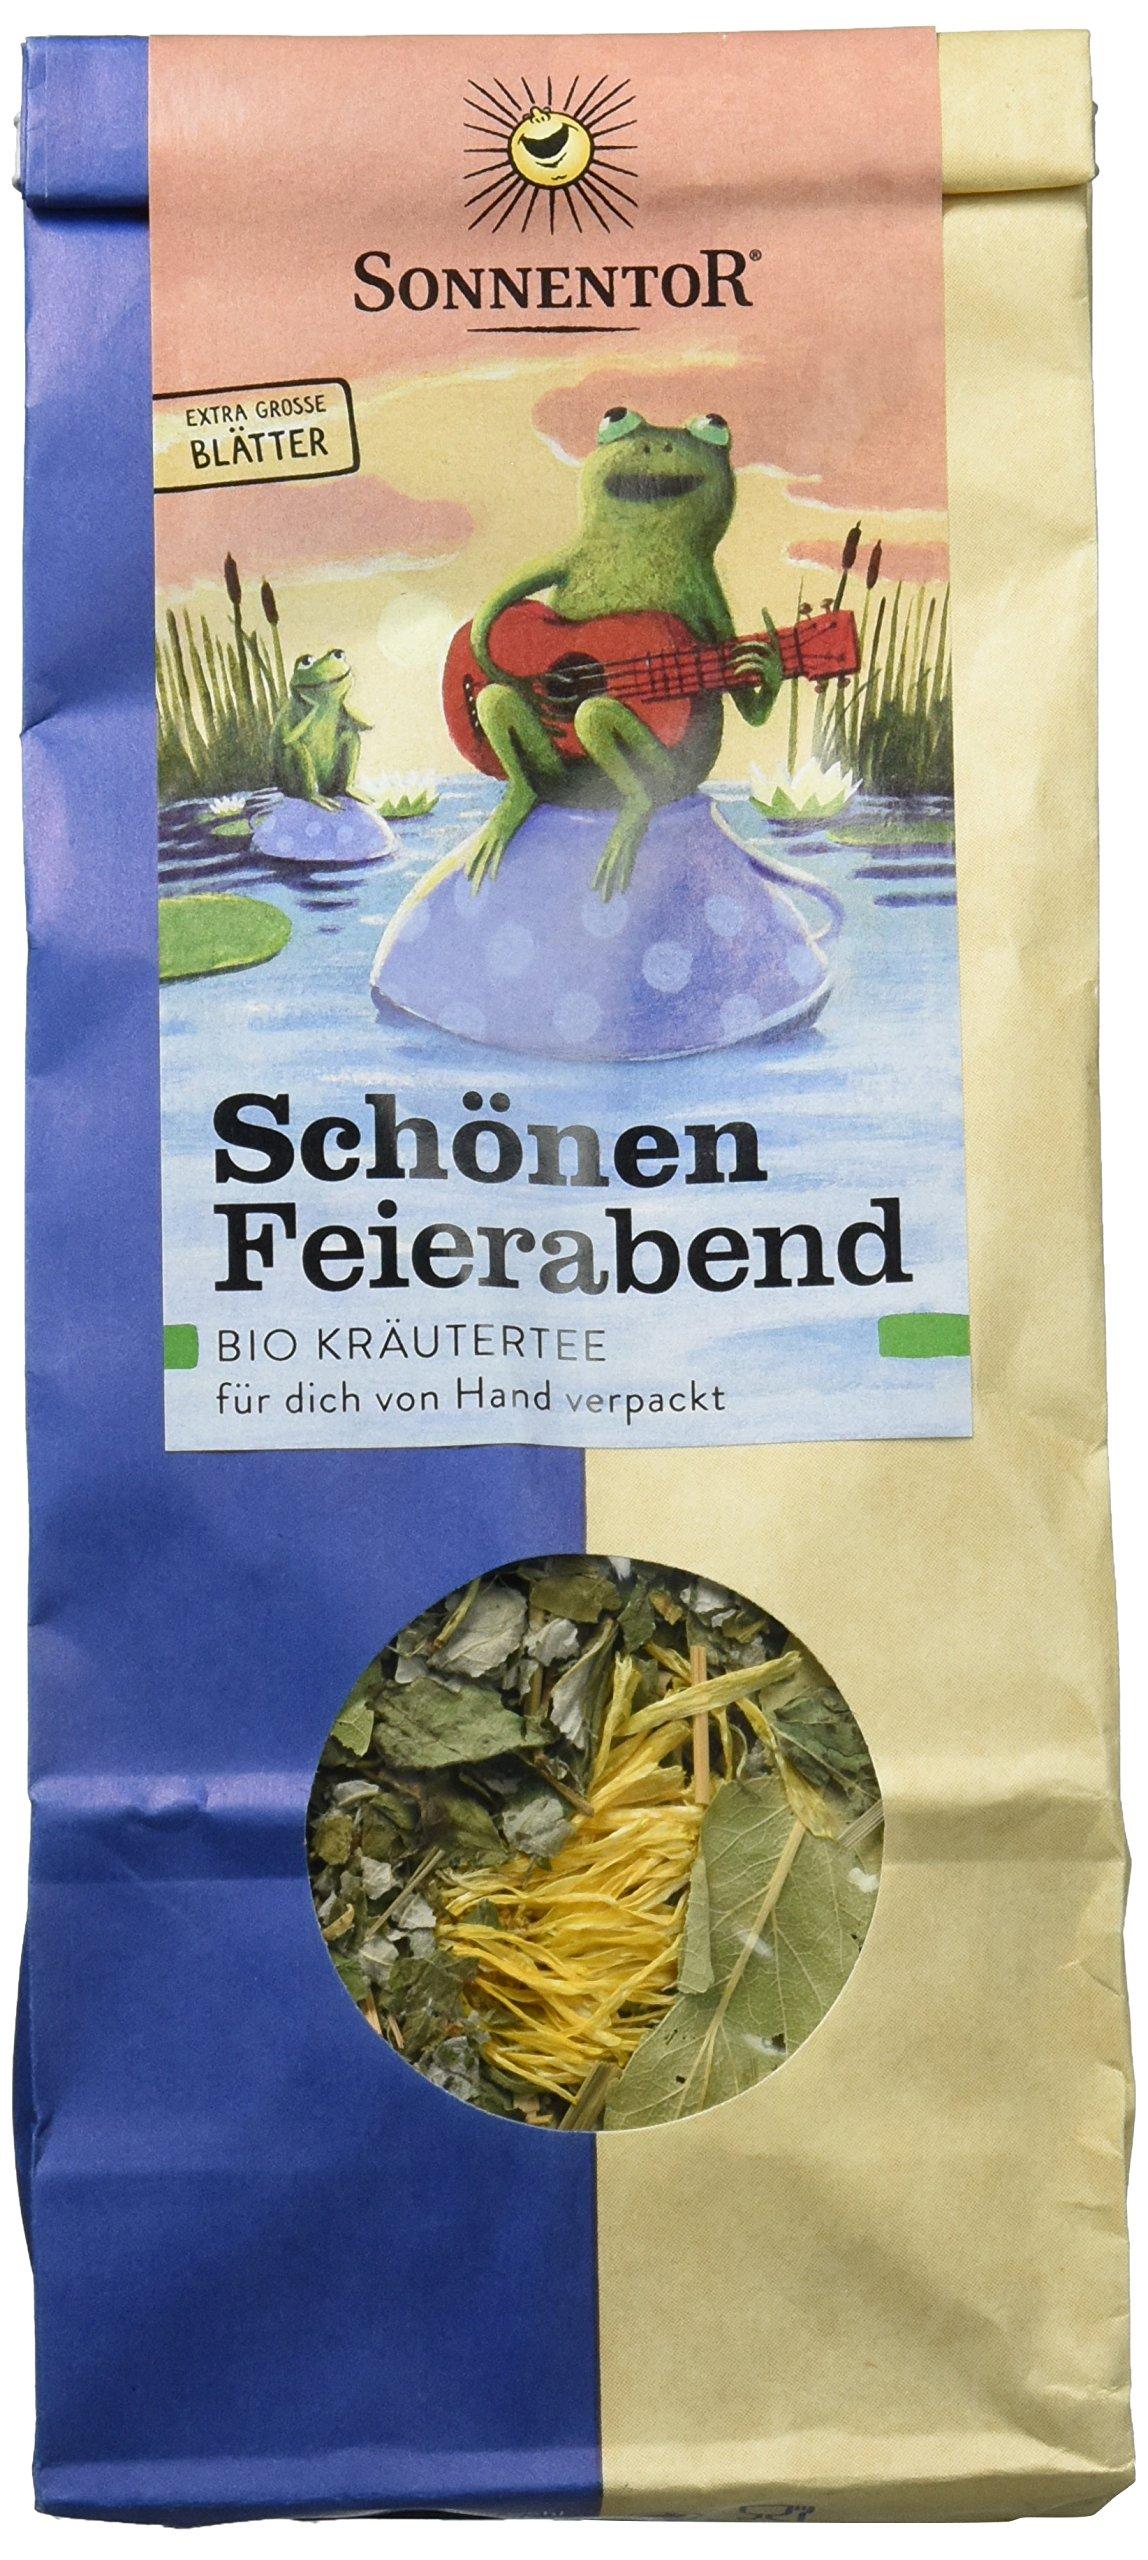 Sonnentor-Schnen-Feierabend-Krutertee-lose-1er-Pack-1-x-50-g-Bio